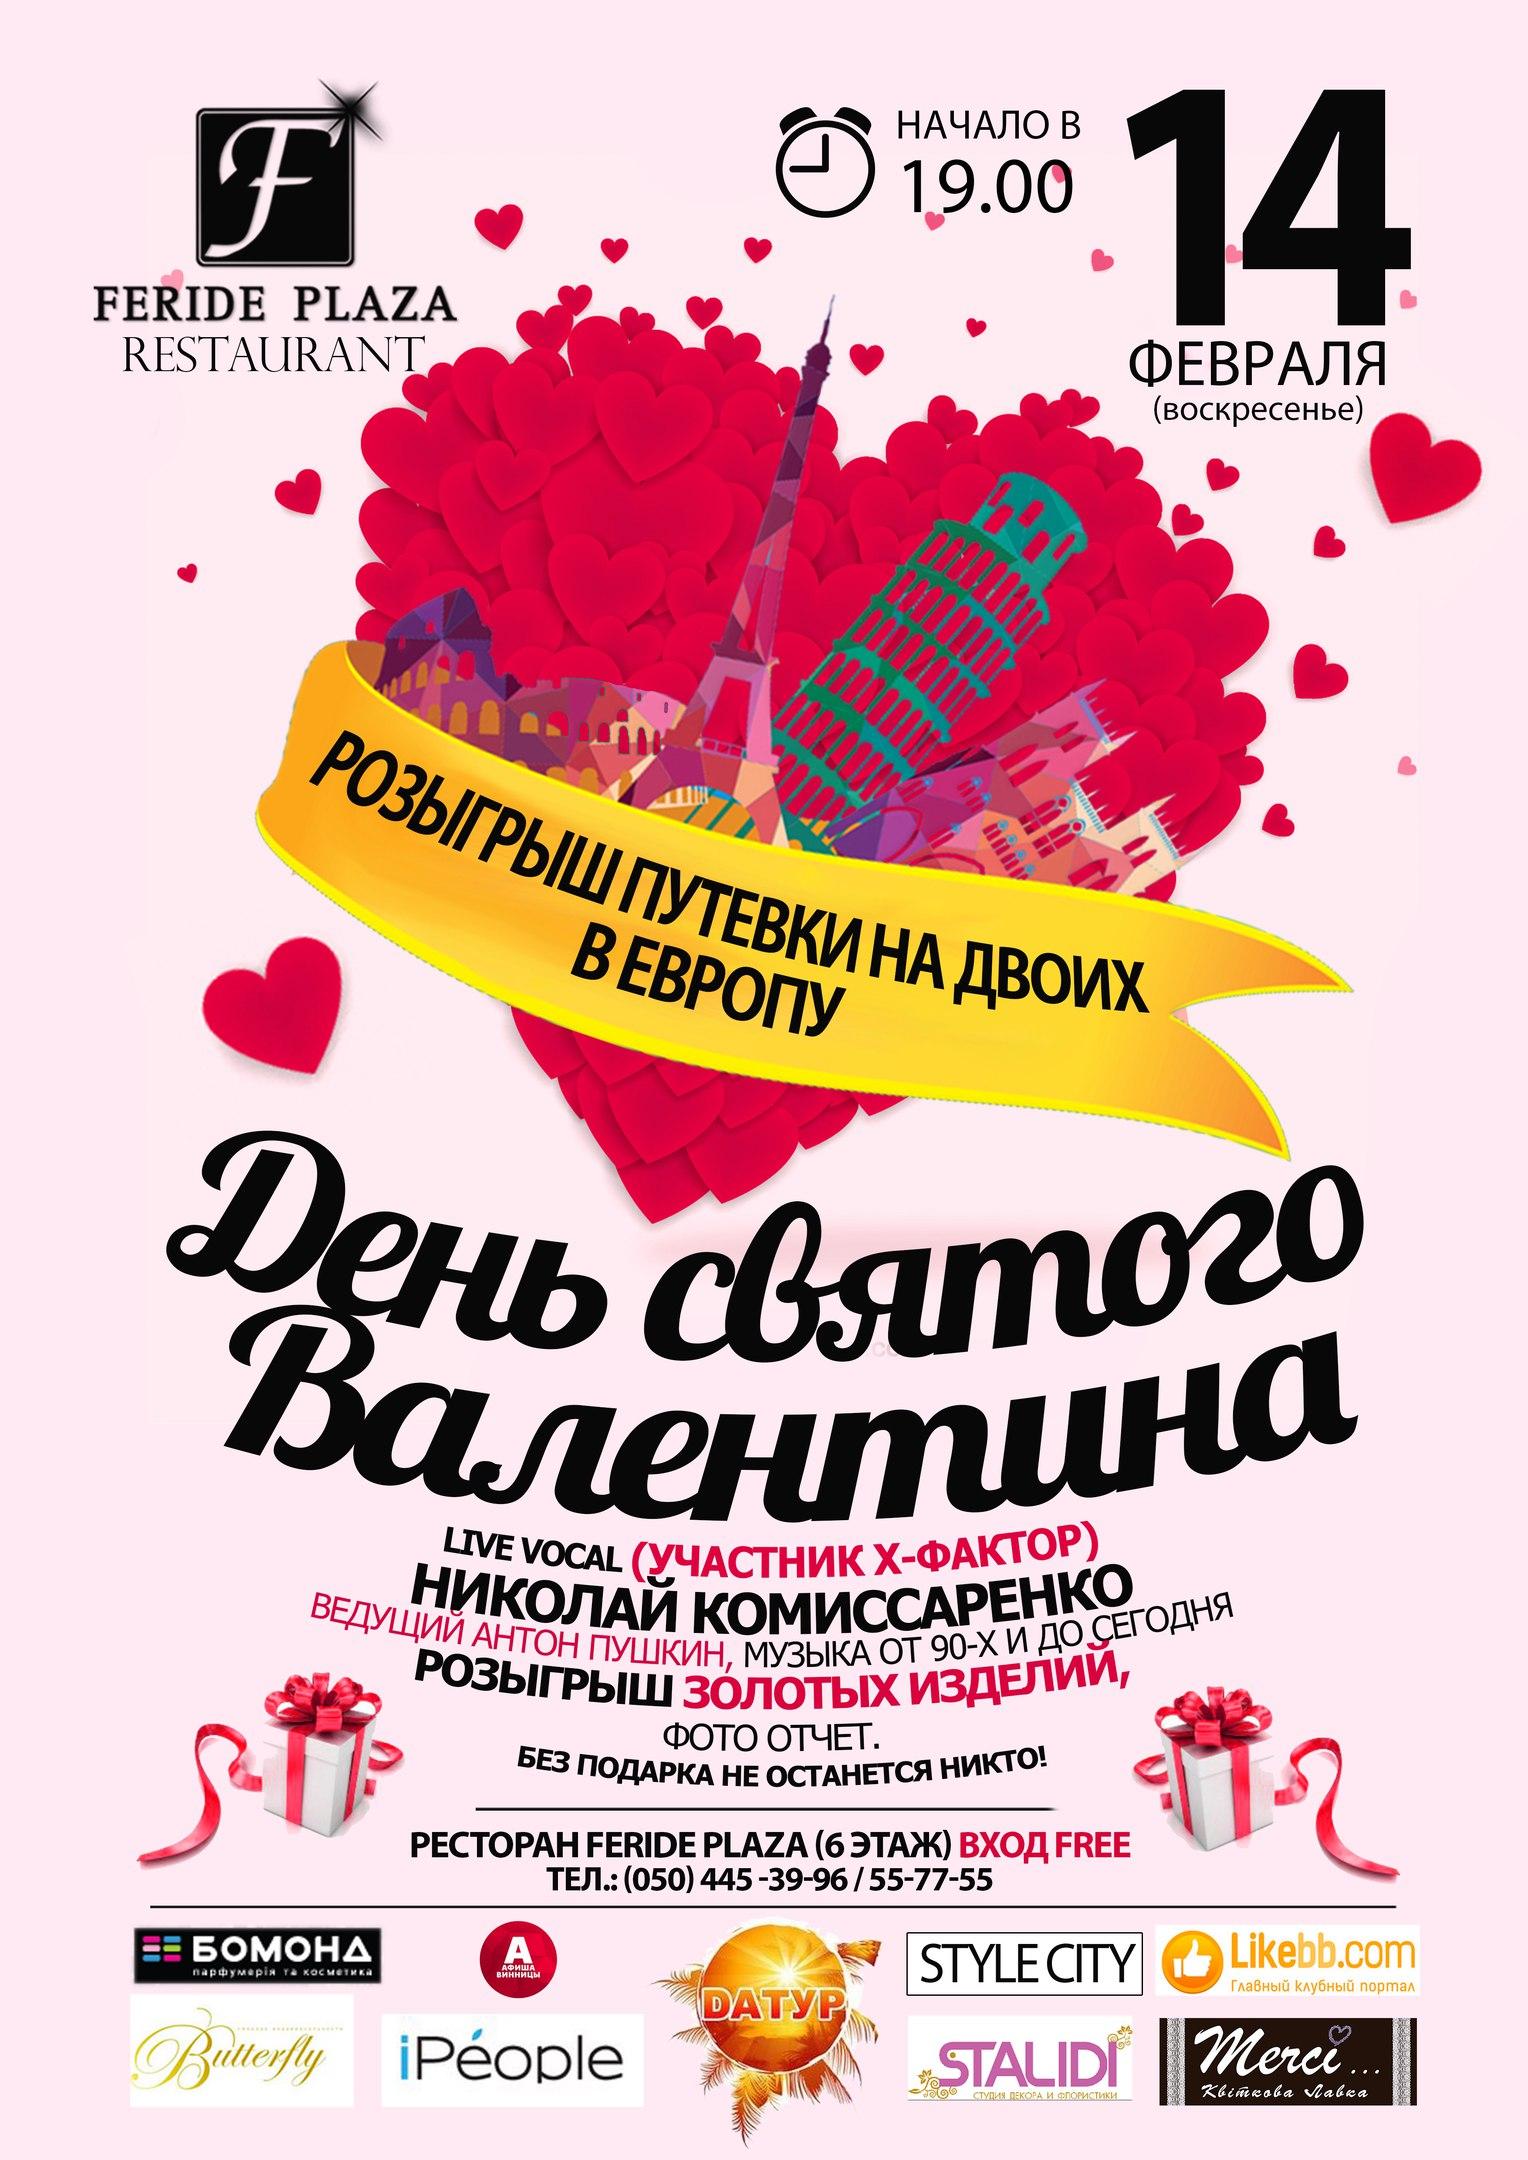 Гостинично-развлекательный центр премиум класса «ФЭРИДЭ ПЛАЗА»